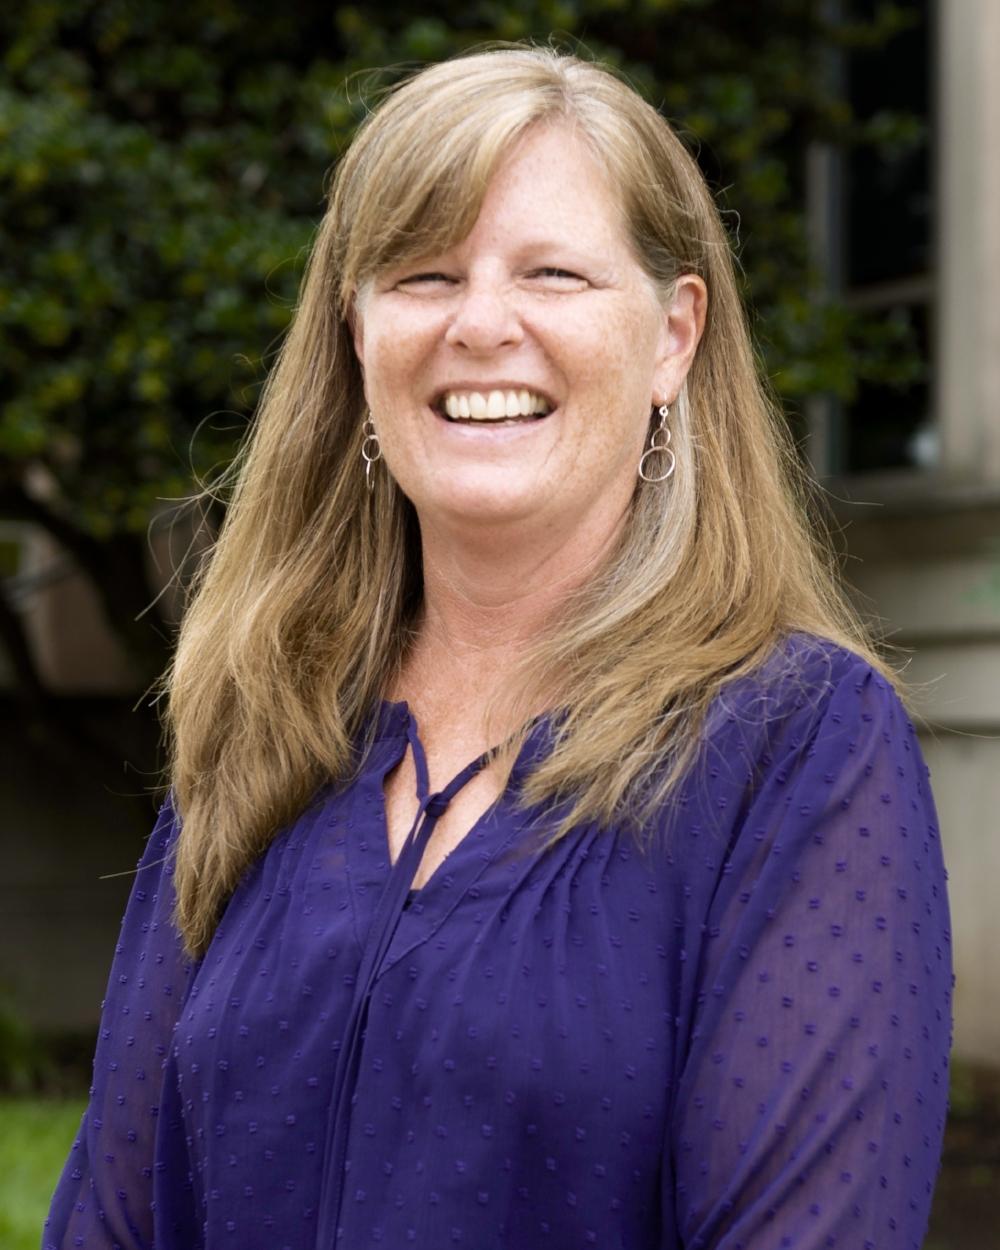 Debra Saneda